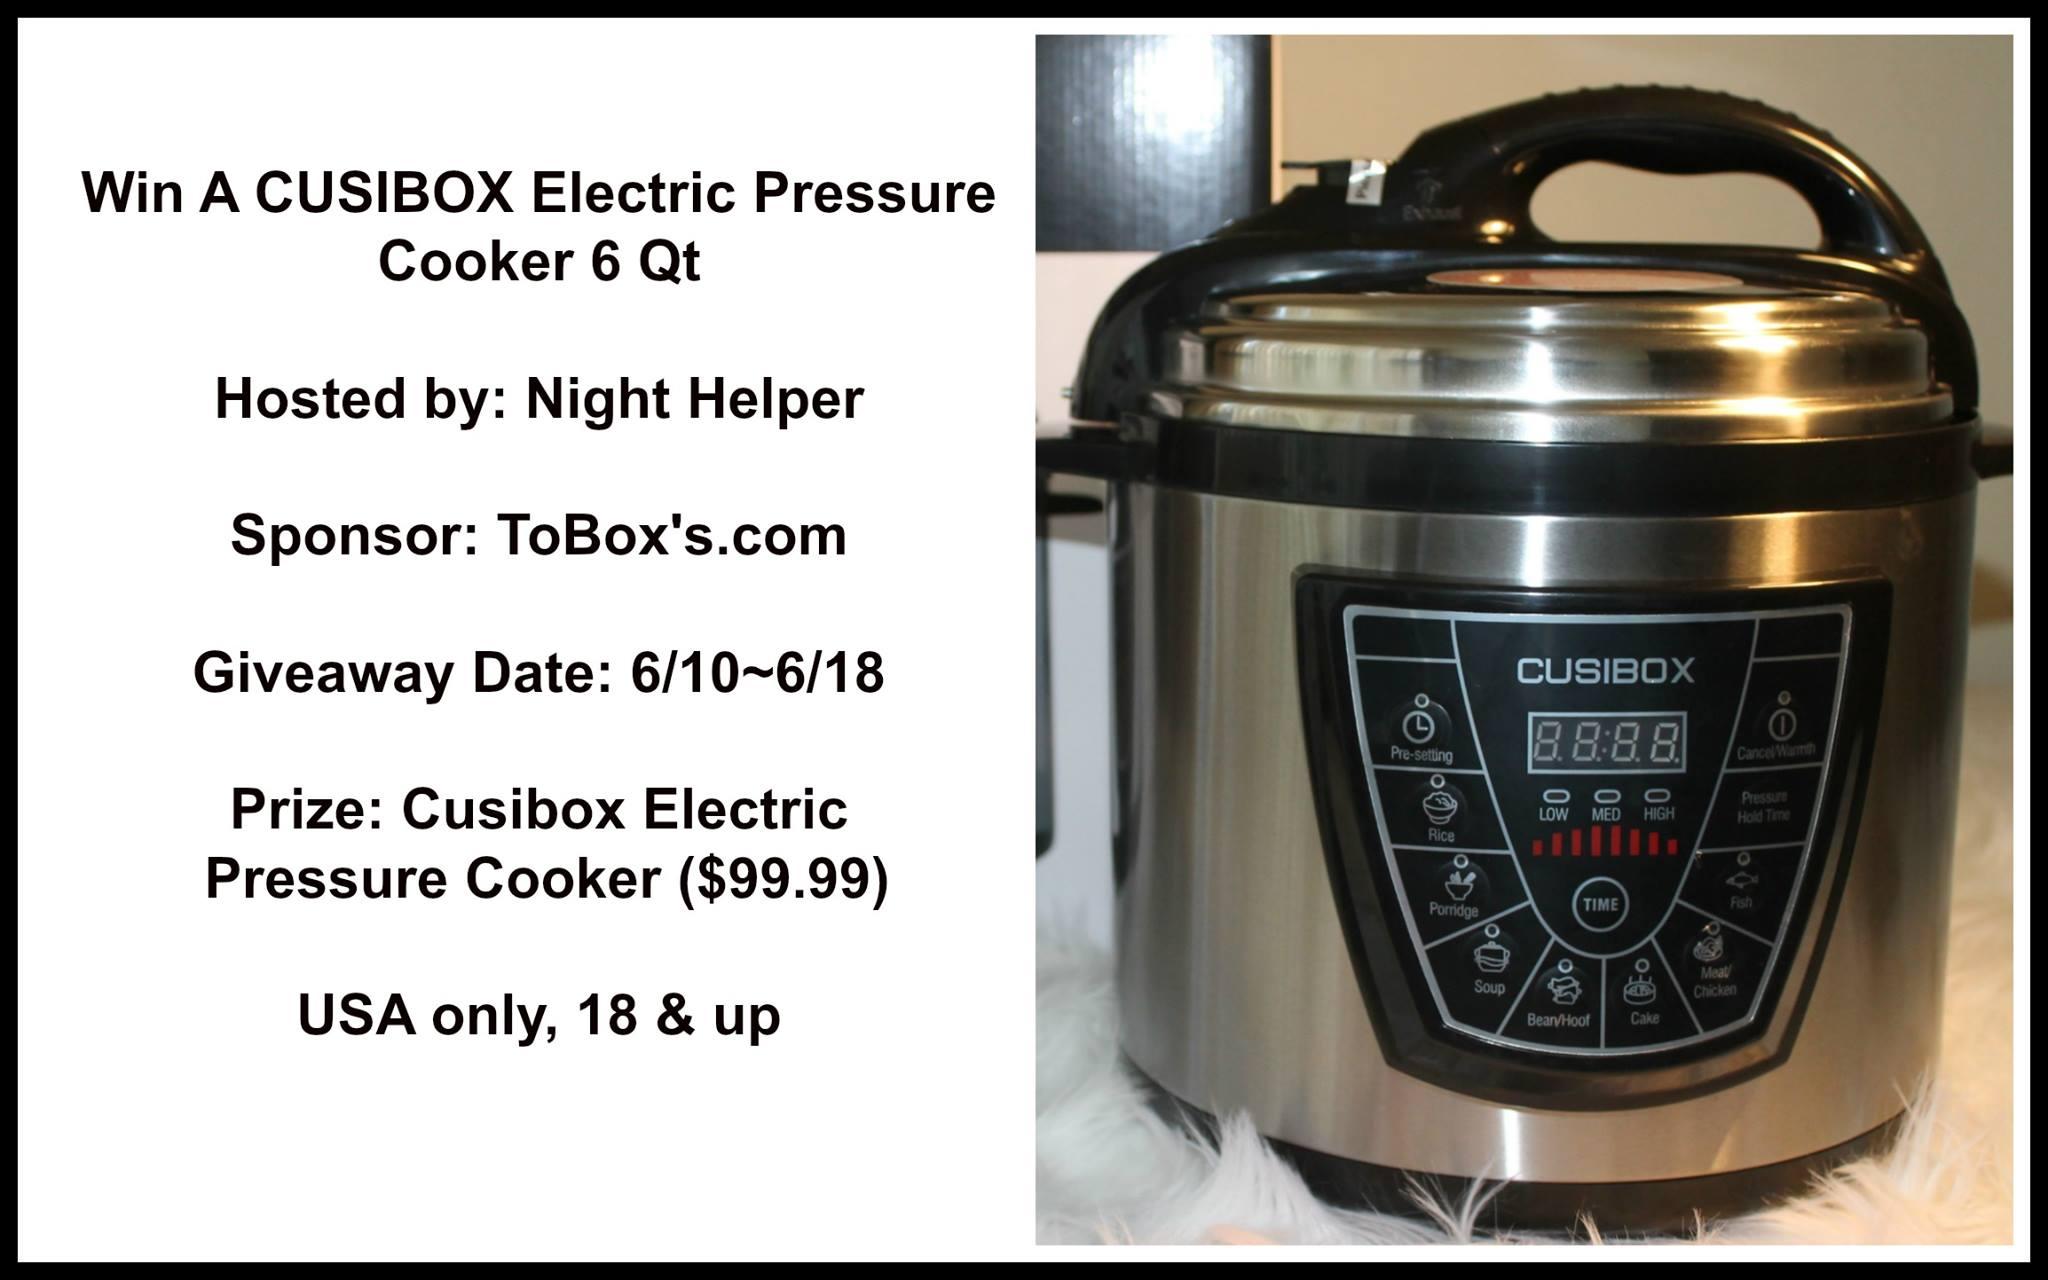 CUSIBOX Electric Pressure Cooker 6 Qt.(Value $99.99)